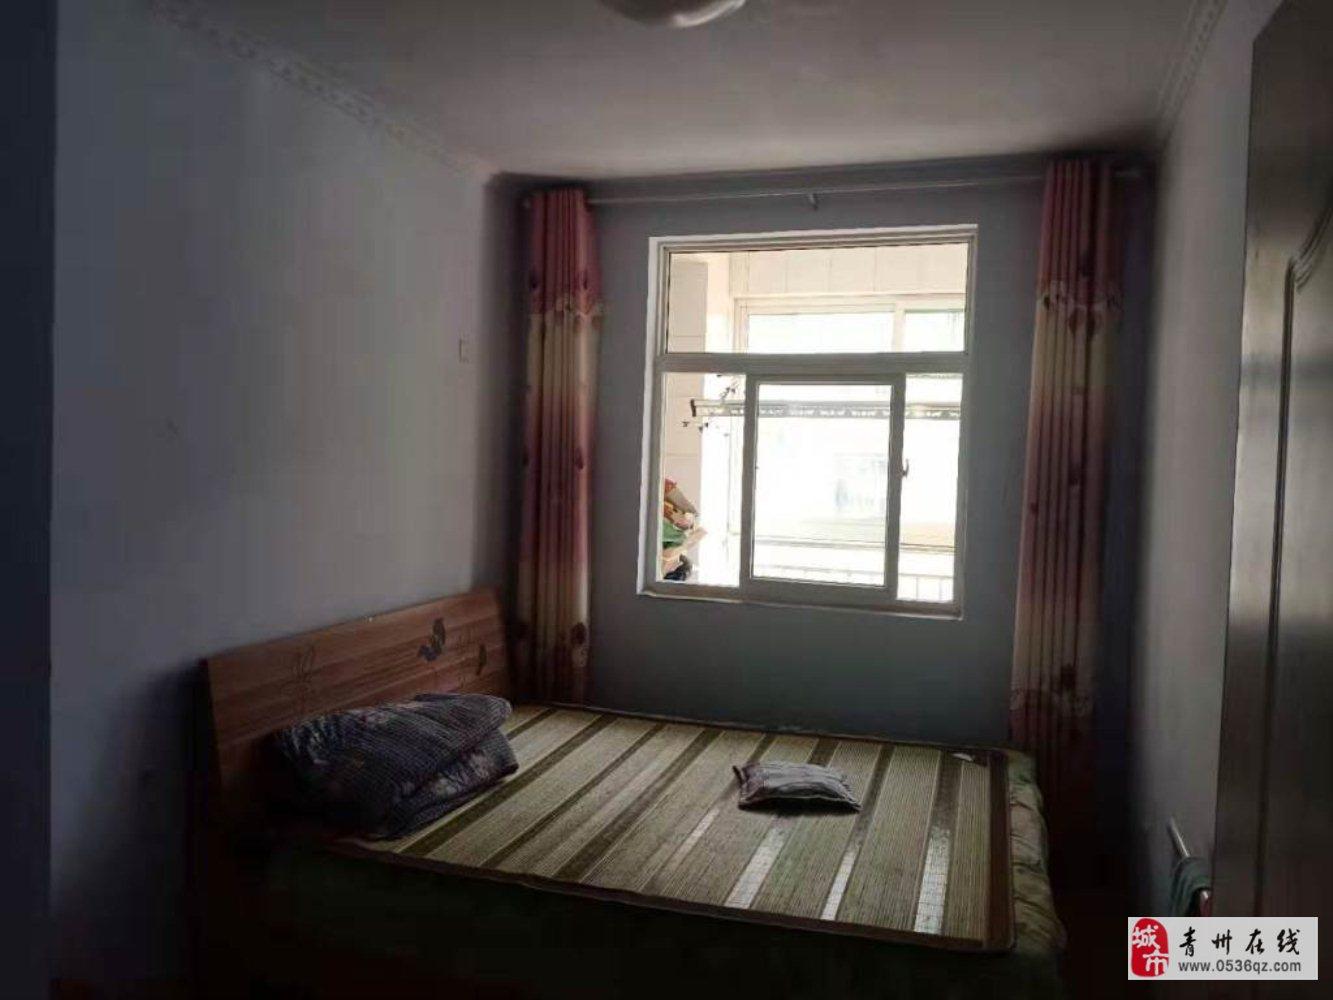 富盈家园3室2厅1卫77万元精装带车库可按揭